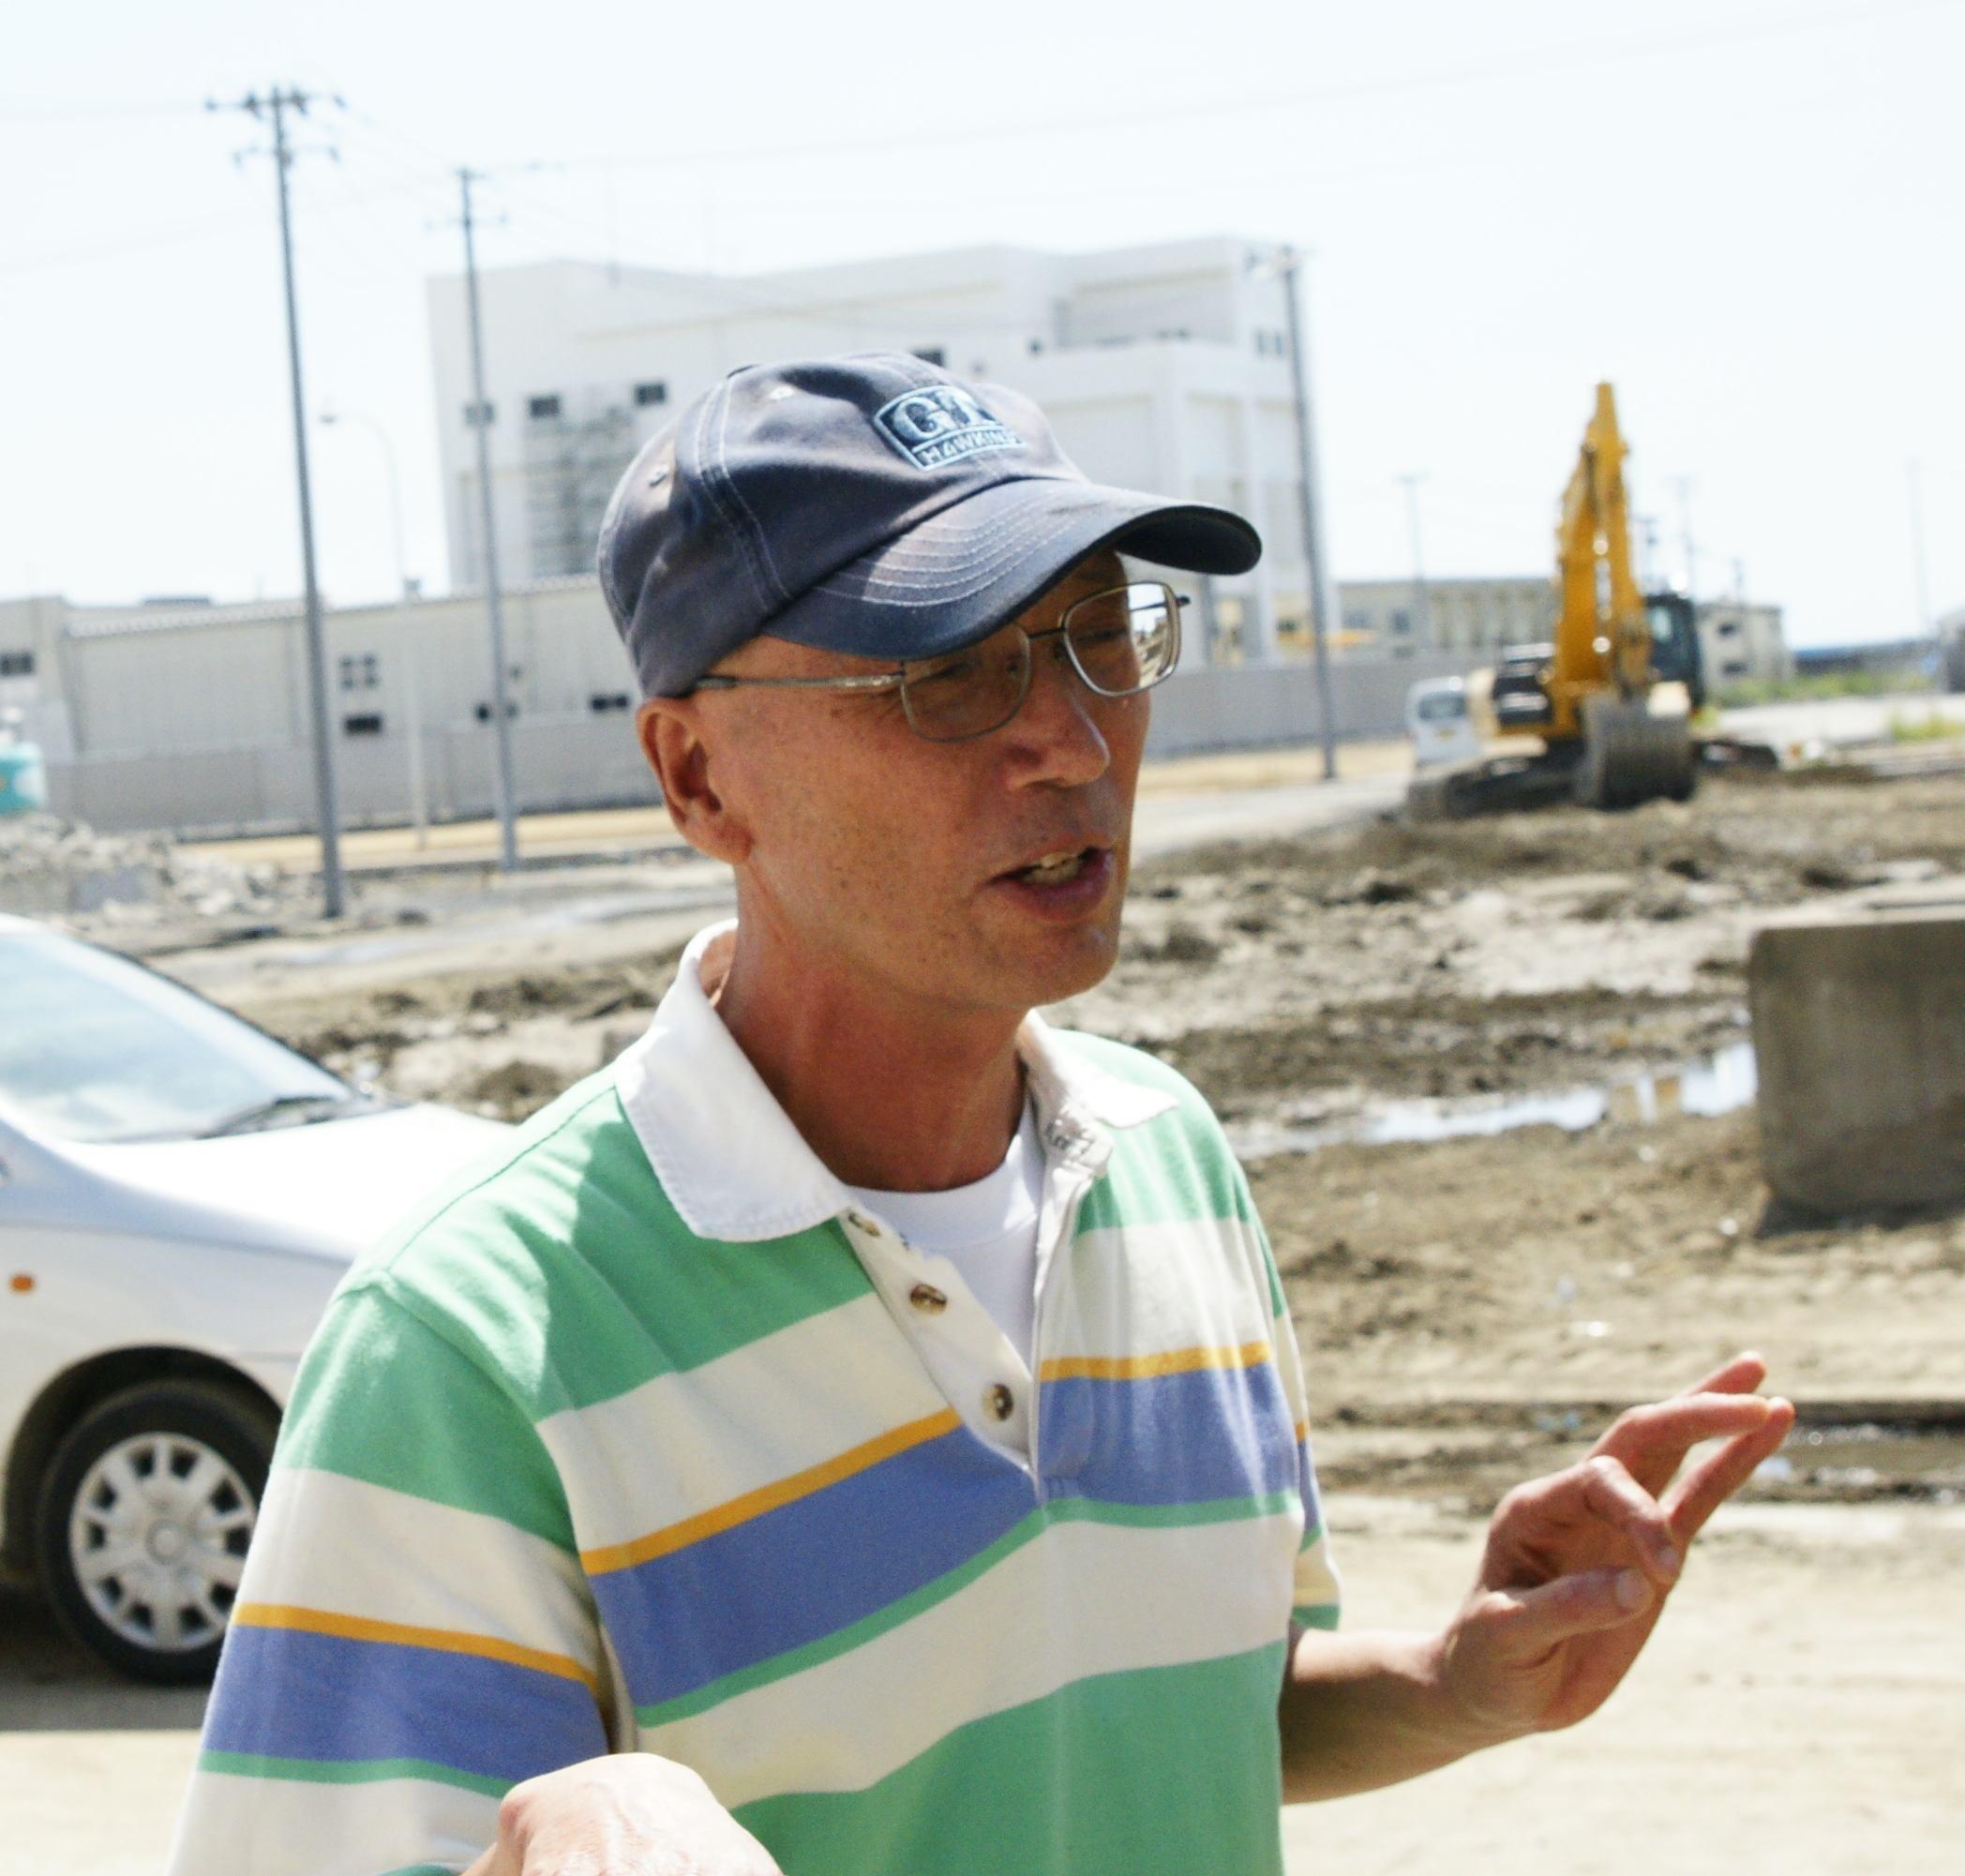 Ito-san tells his story of the tsunami